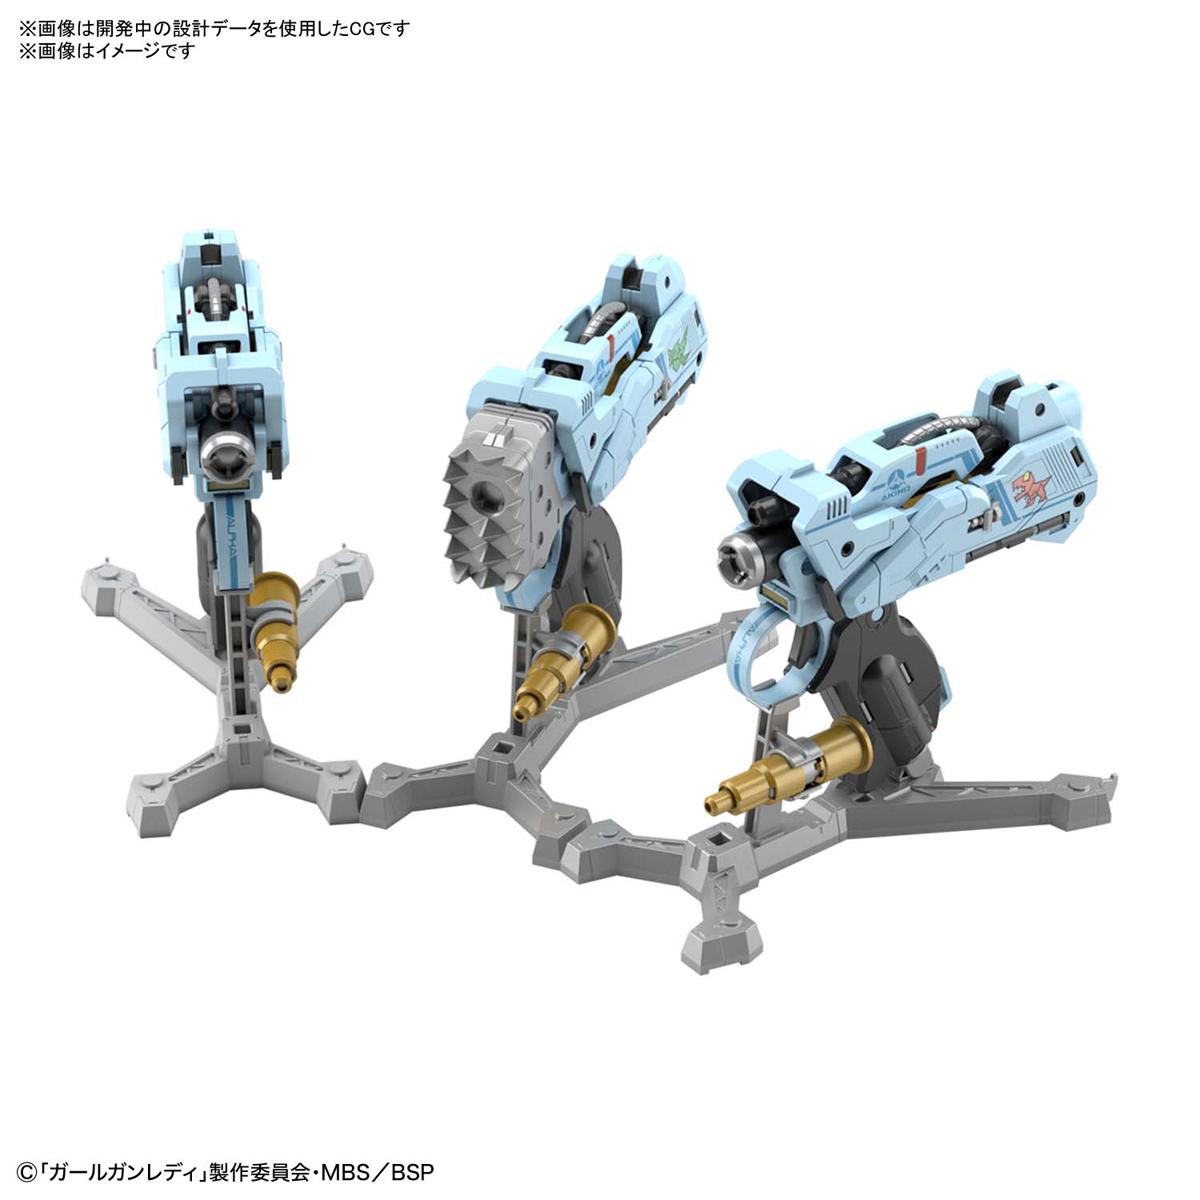 ガールガンレディ(GGL)『アタックガールガン×レディコマンダーアリス セットBOX』プラモデル-008